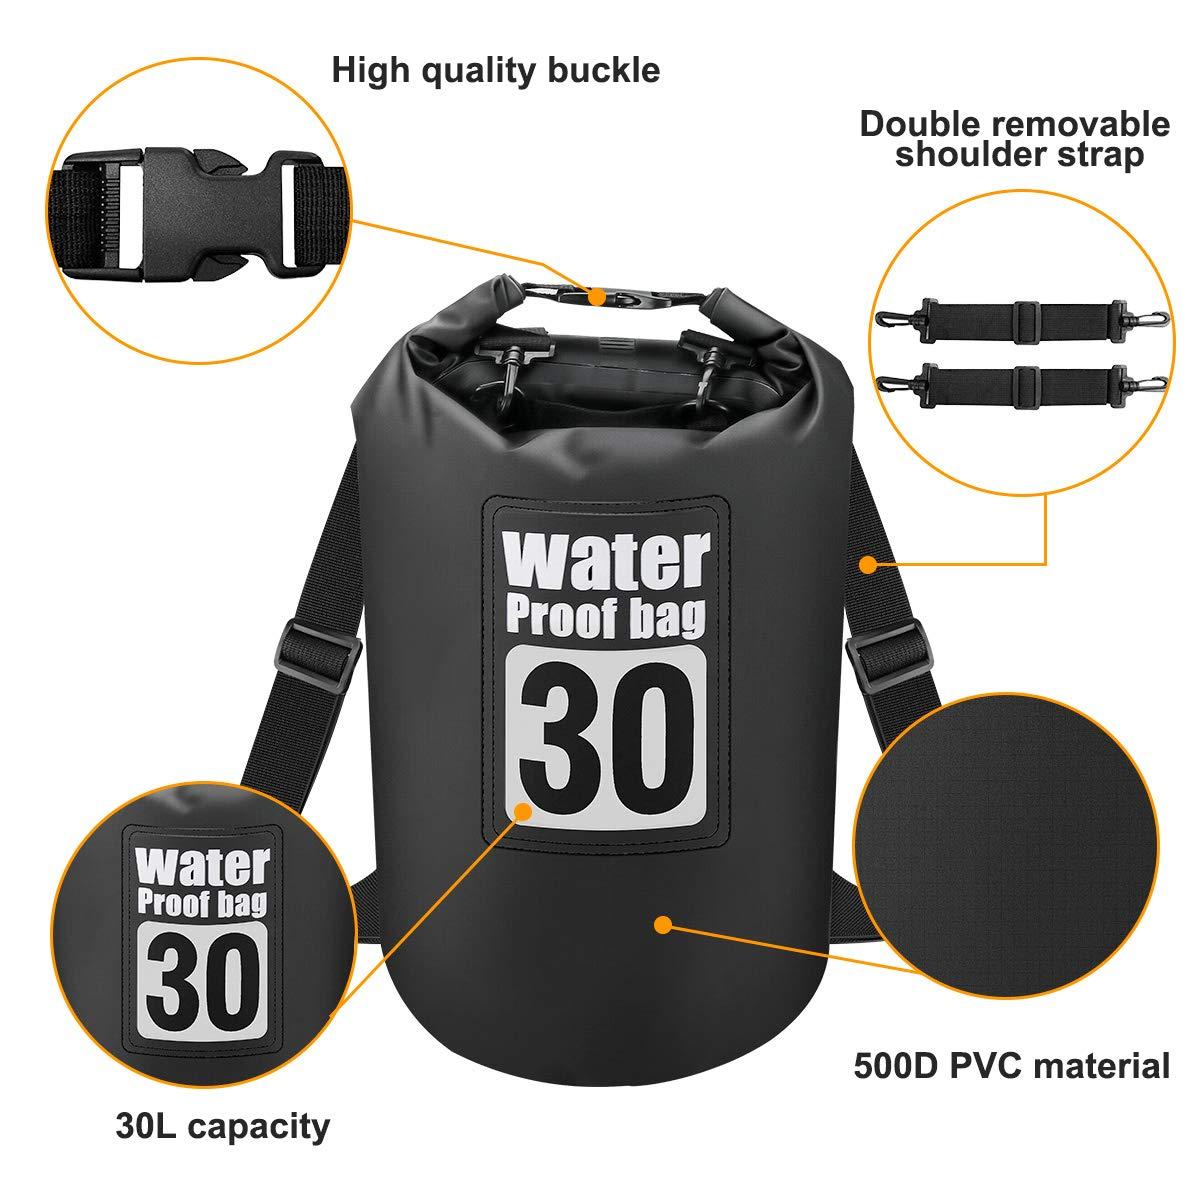 Powcan Borsa Impermeabile per attivit/à allAperto e Sport dAcqua Nave Campeggio Trekking Pesca Canoa Rafting Nuoto Sci -30L 100/% Impermeabile Dry Bag con Tracolla Regolabile Kayak